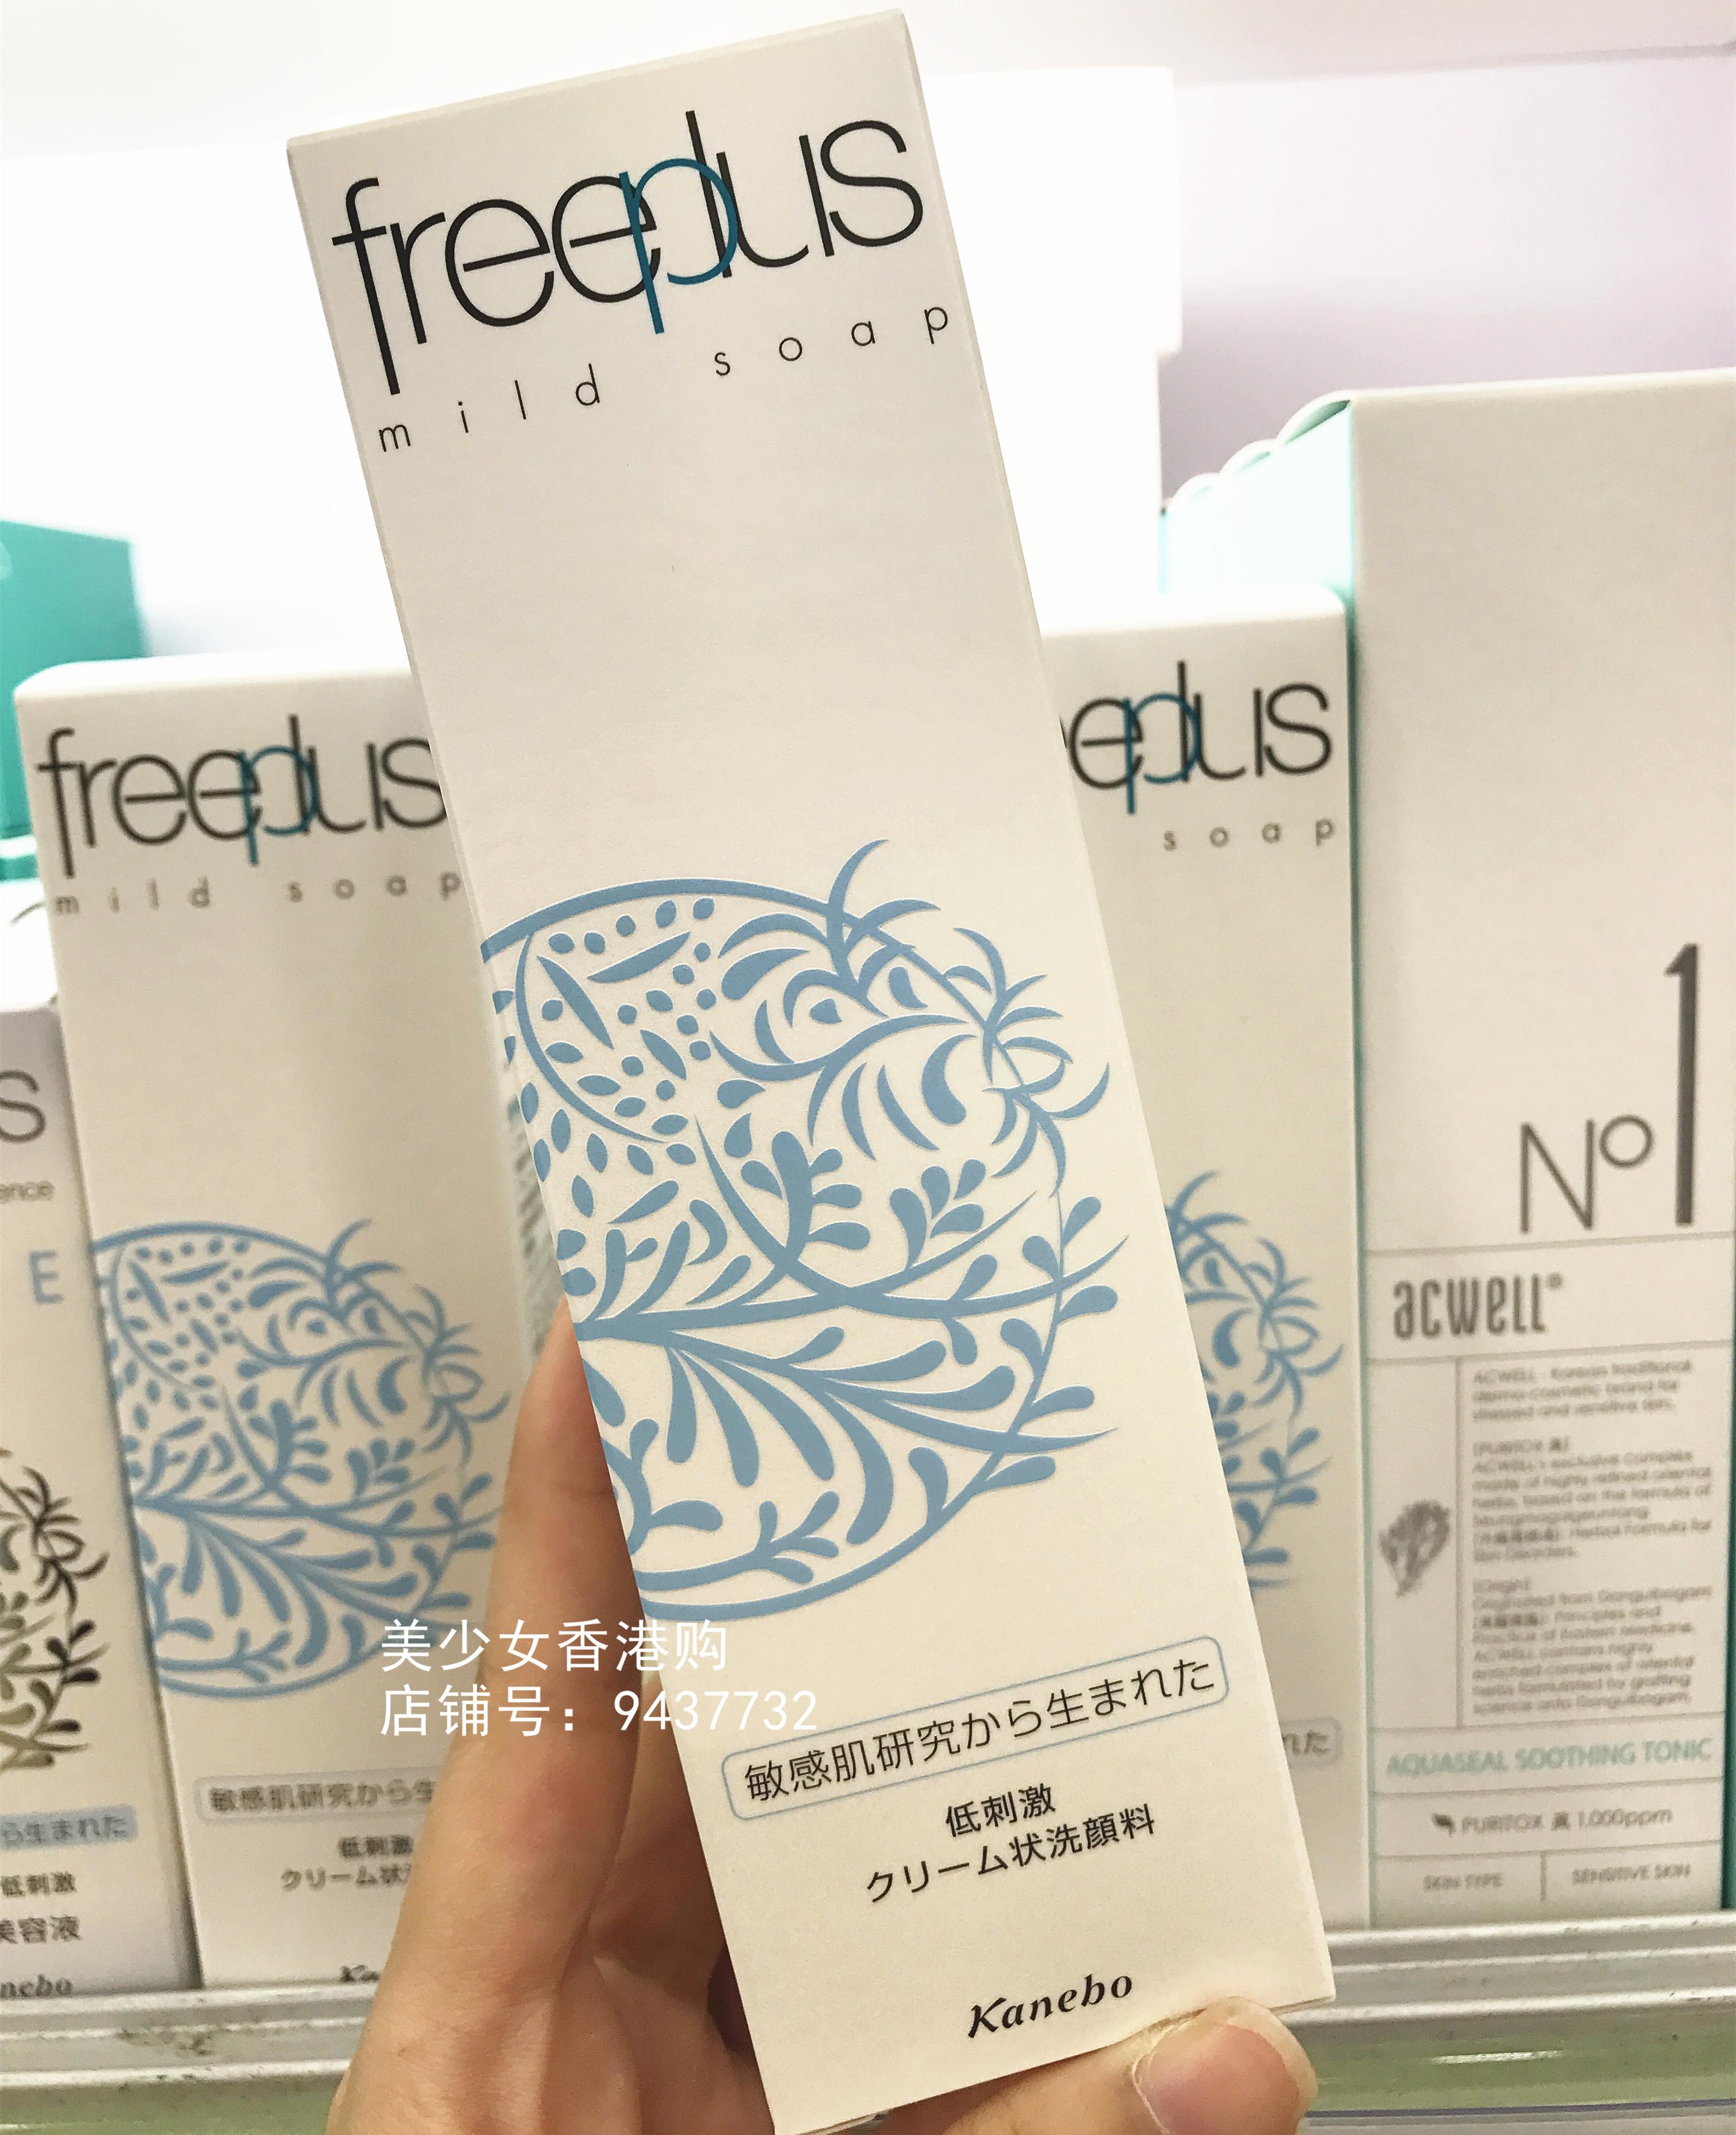 free plus 芙丽芳丝净润洗面霜 氨基酸洗面奶 孕妇可用 温和保湿